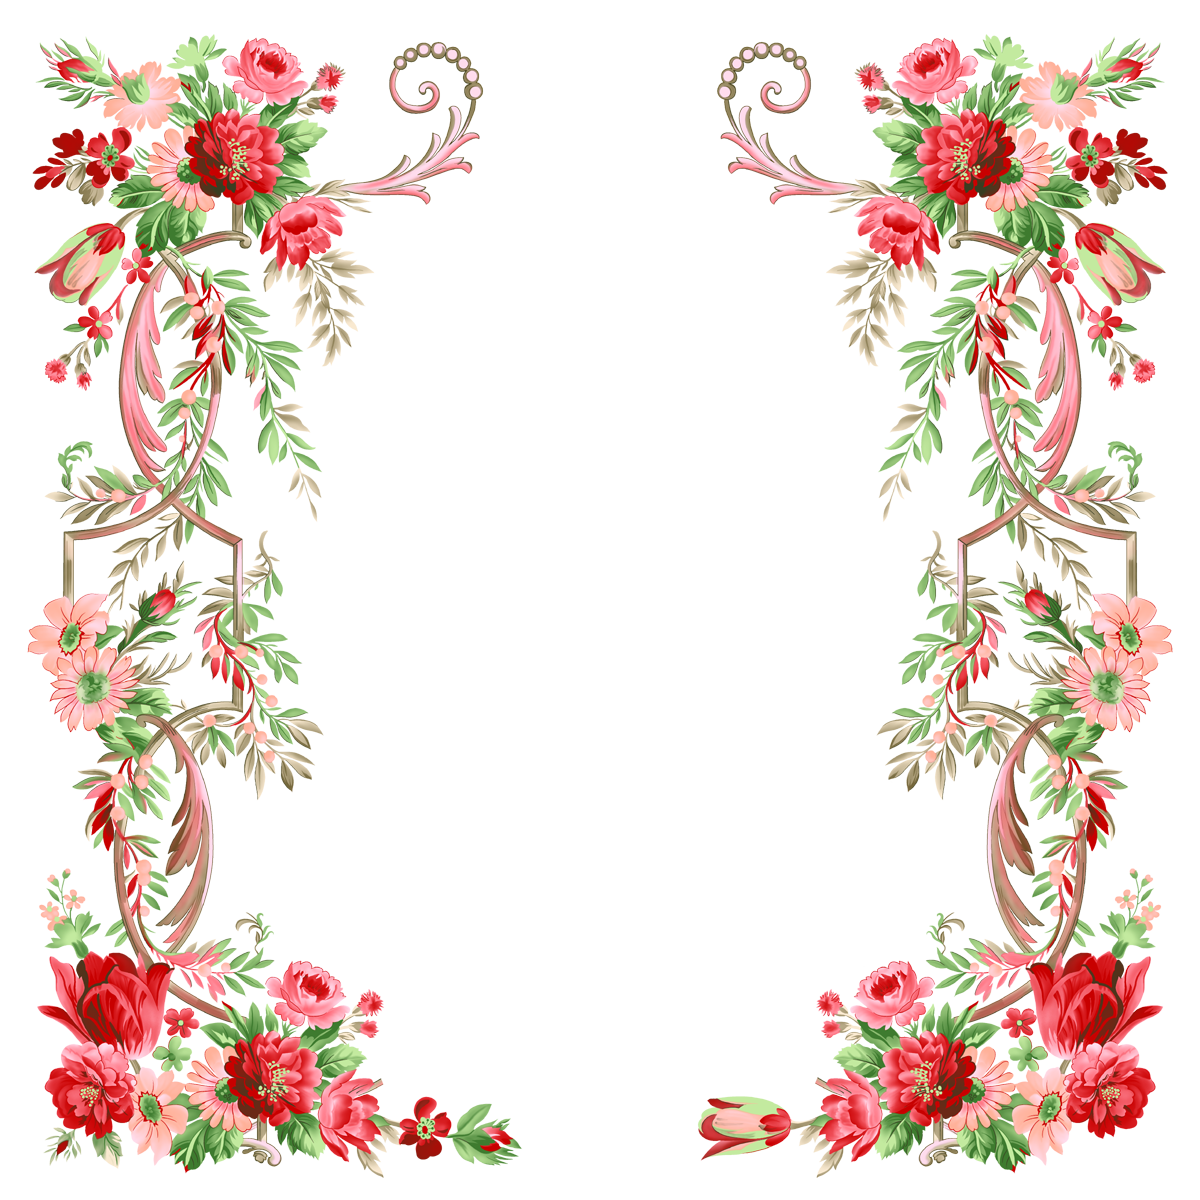 Открытки цветочное оформление, хороших выходных